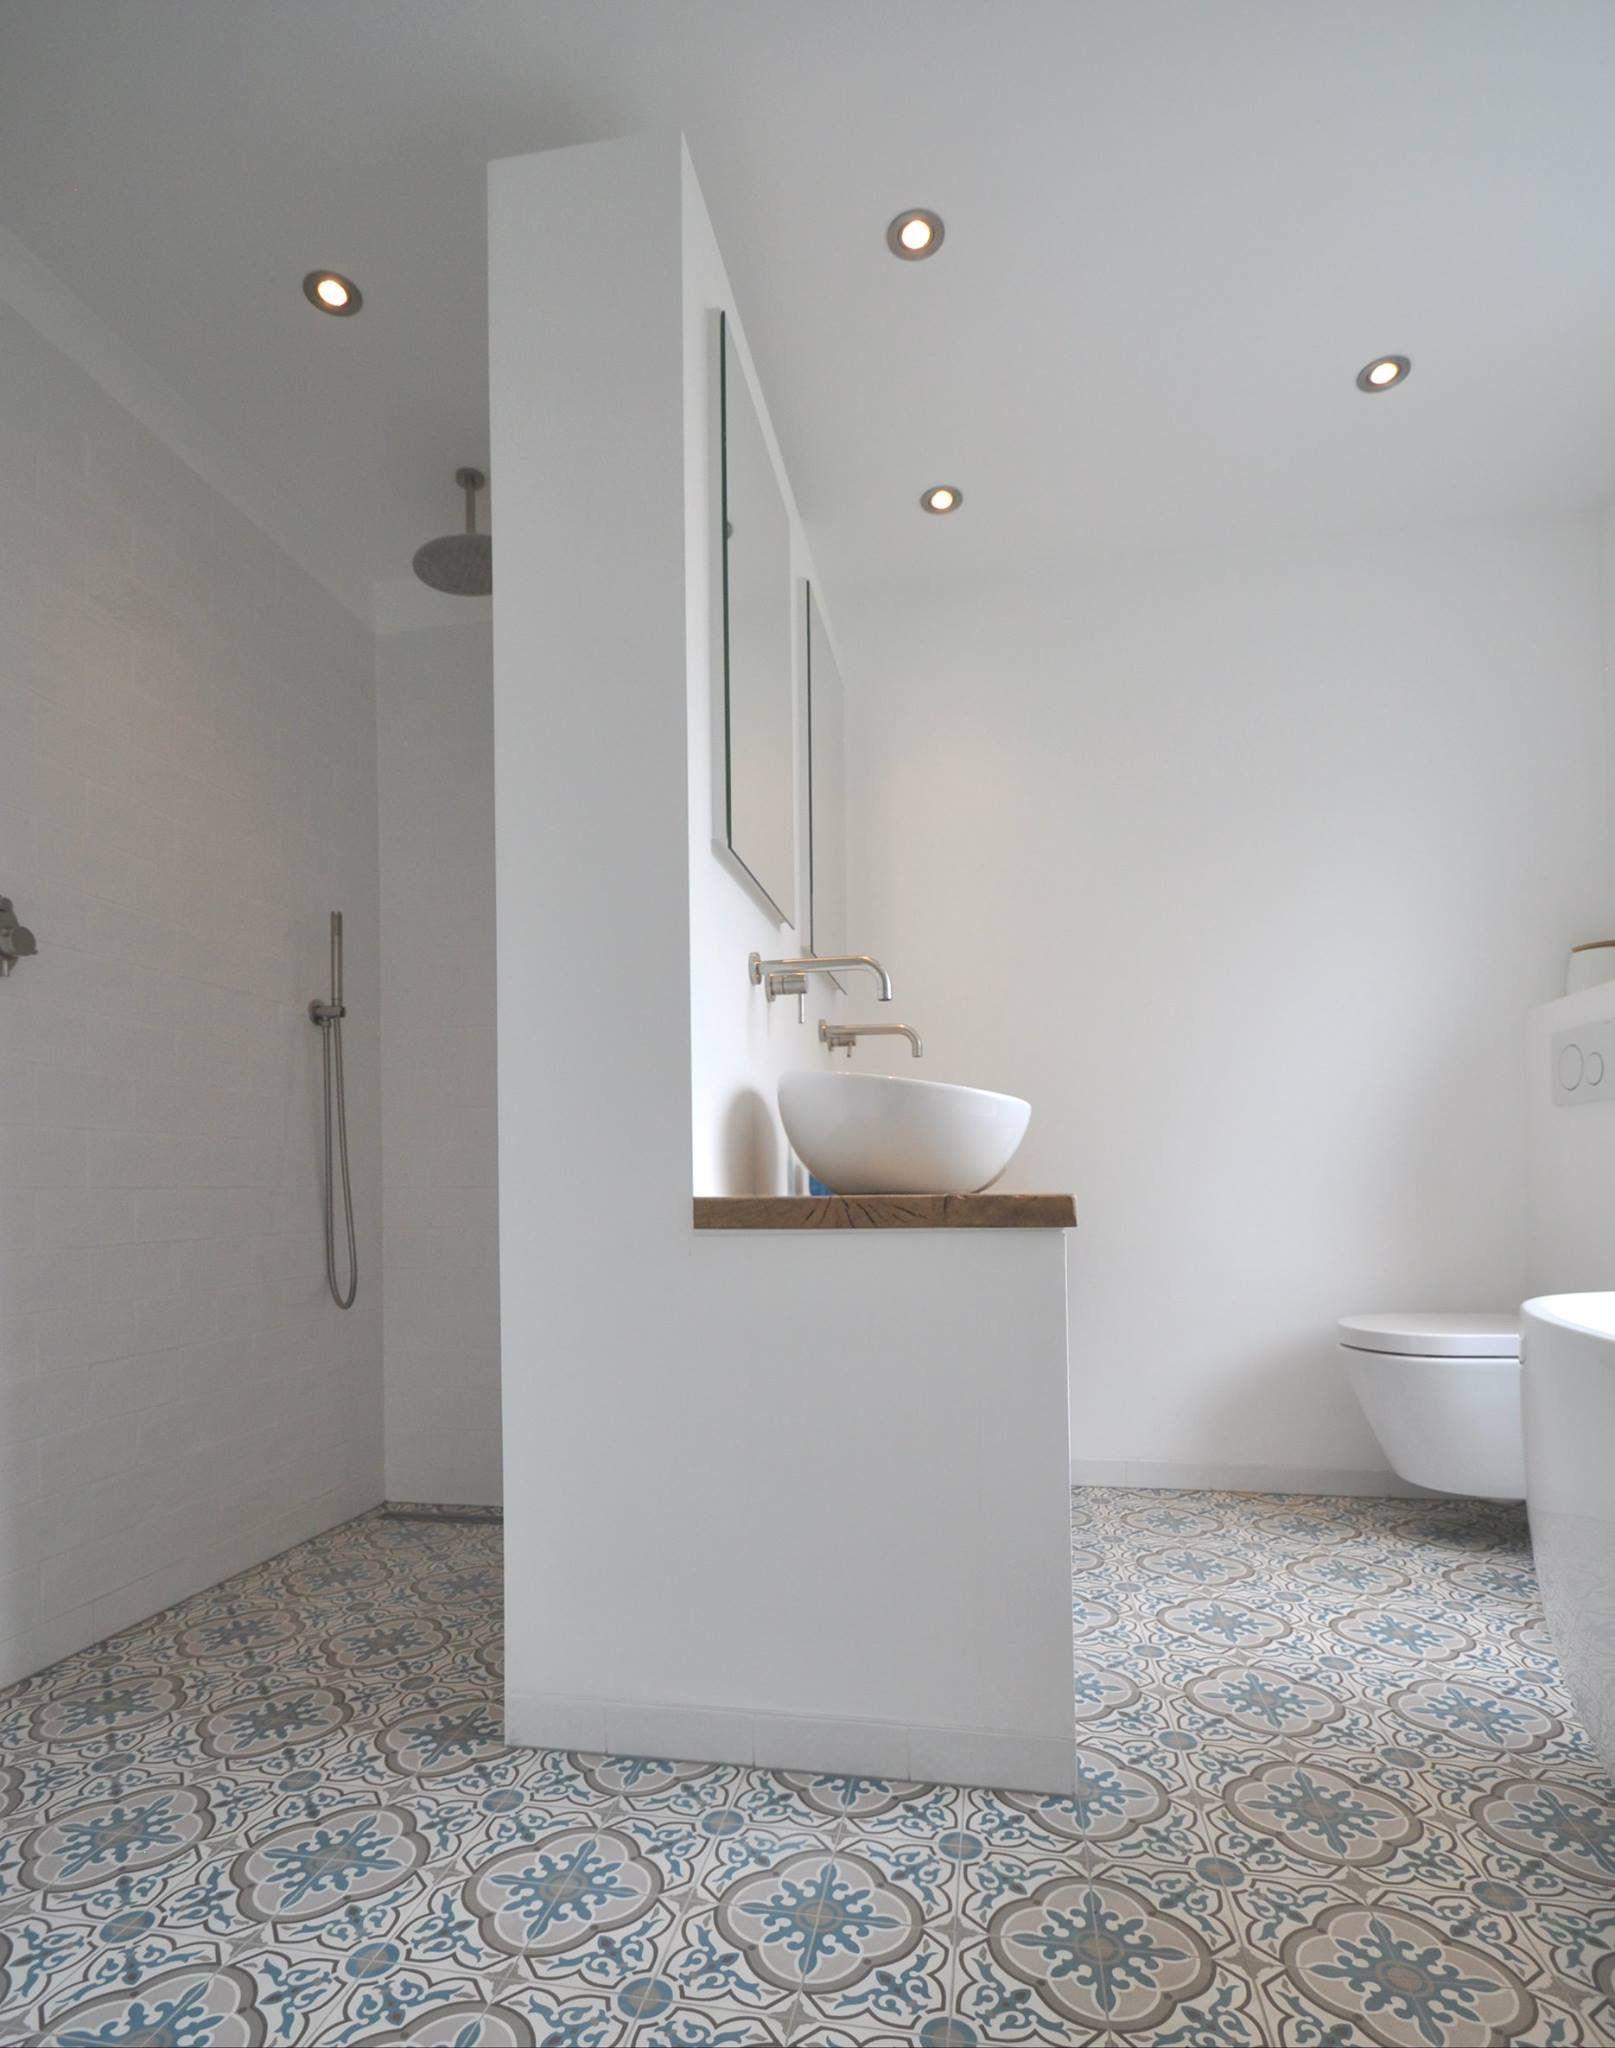 Badezimmer design dusche pin von katrin geisler auf traumbad  pinterest  baños azulejos